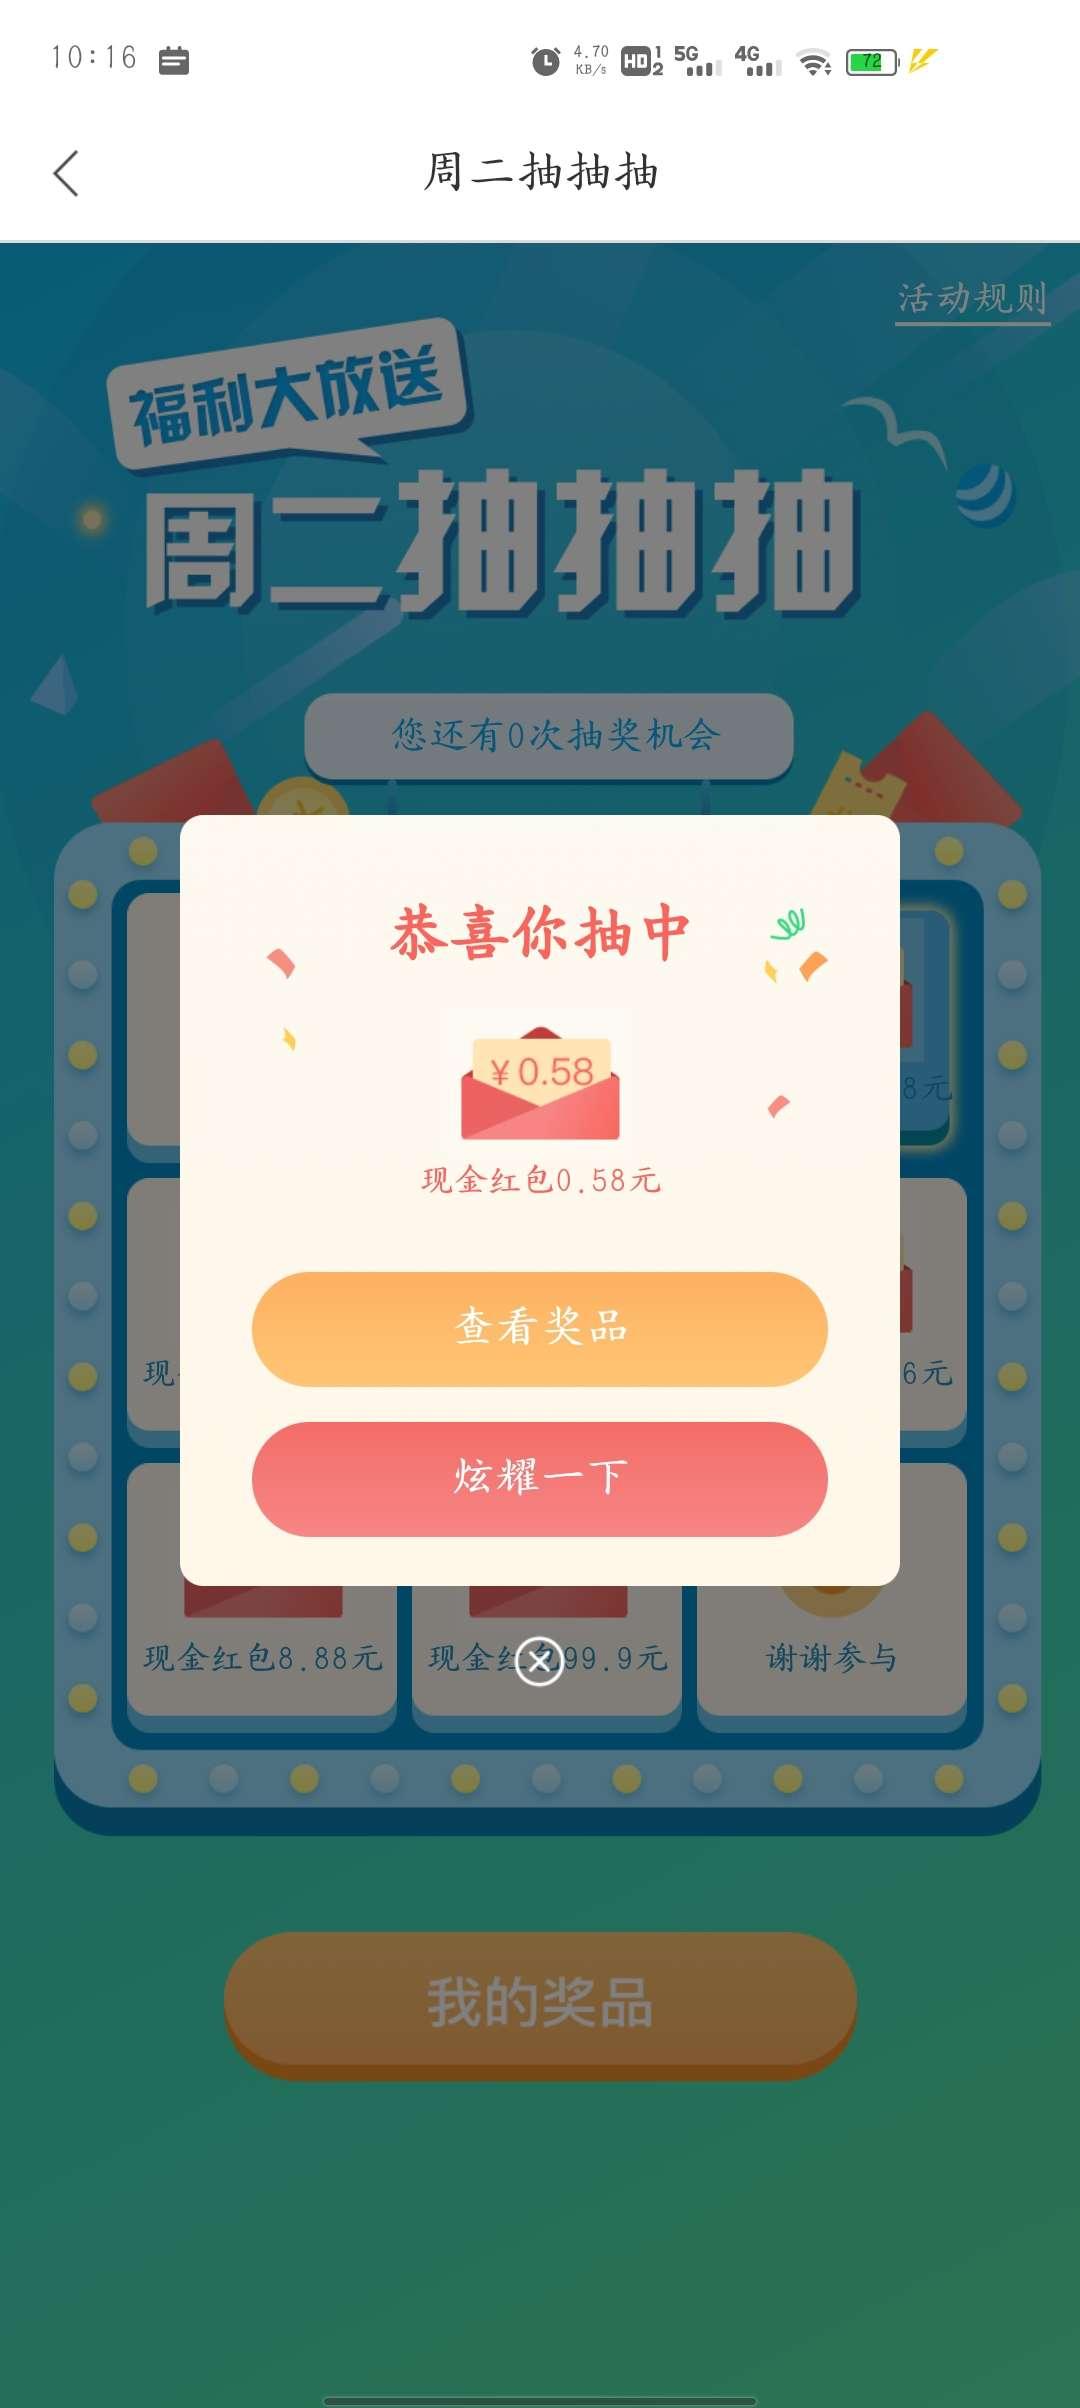 【现金红包】杭州银行周二抽现金红包插图1